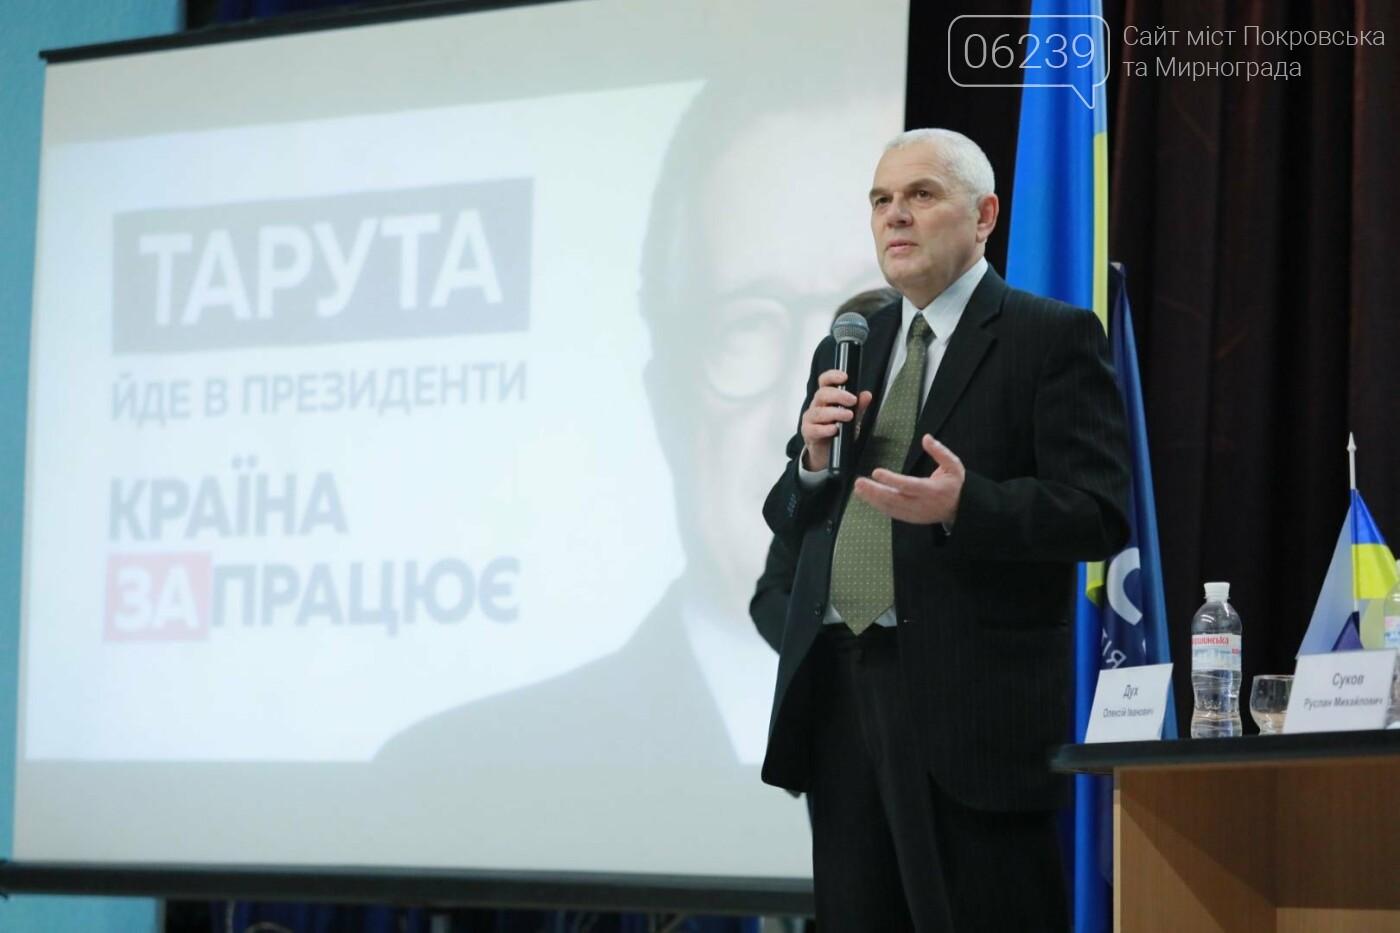 Кандидат на пост Президента Украины Сергей Тарута посетил Покровск, фото-20